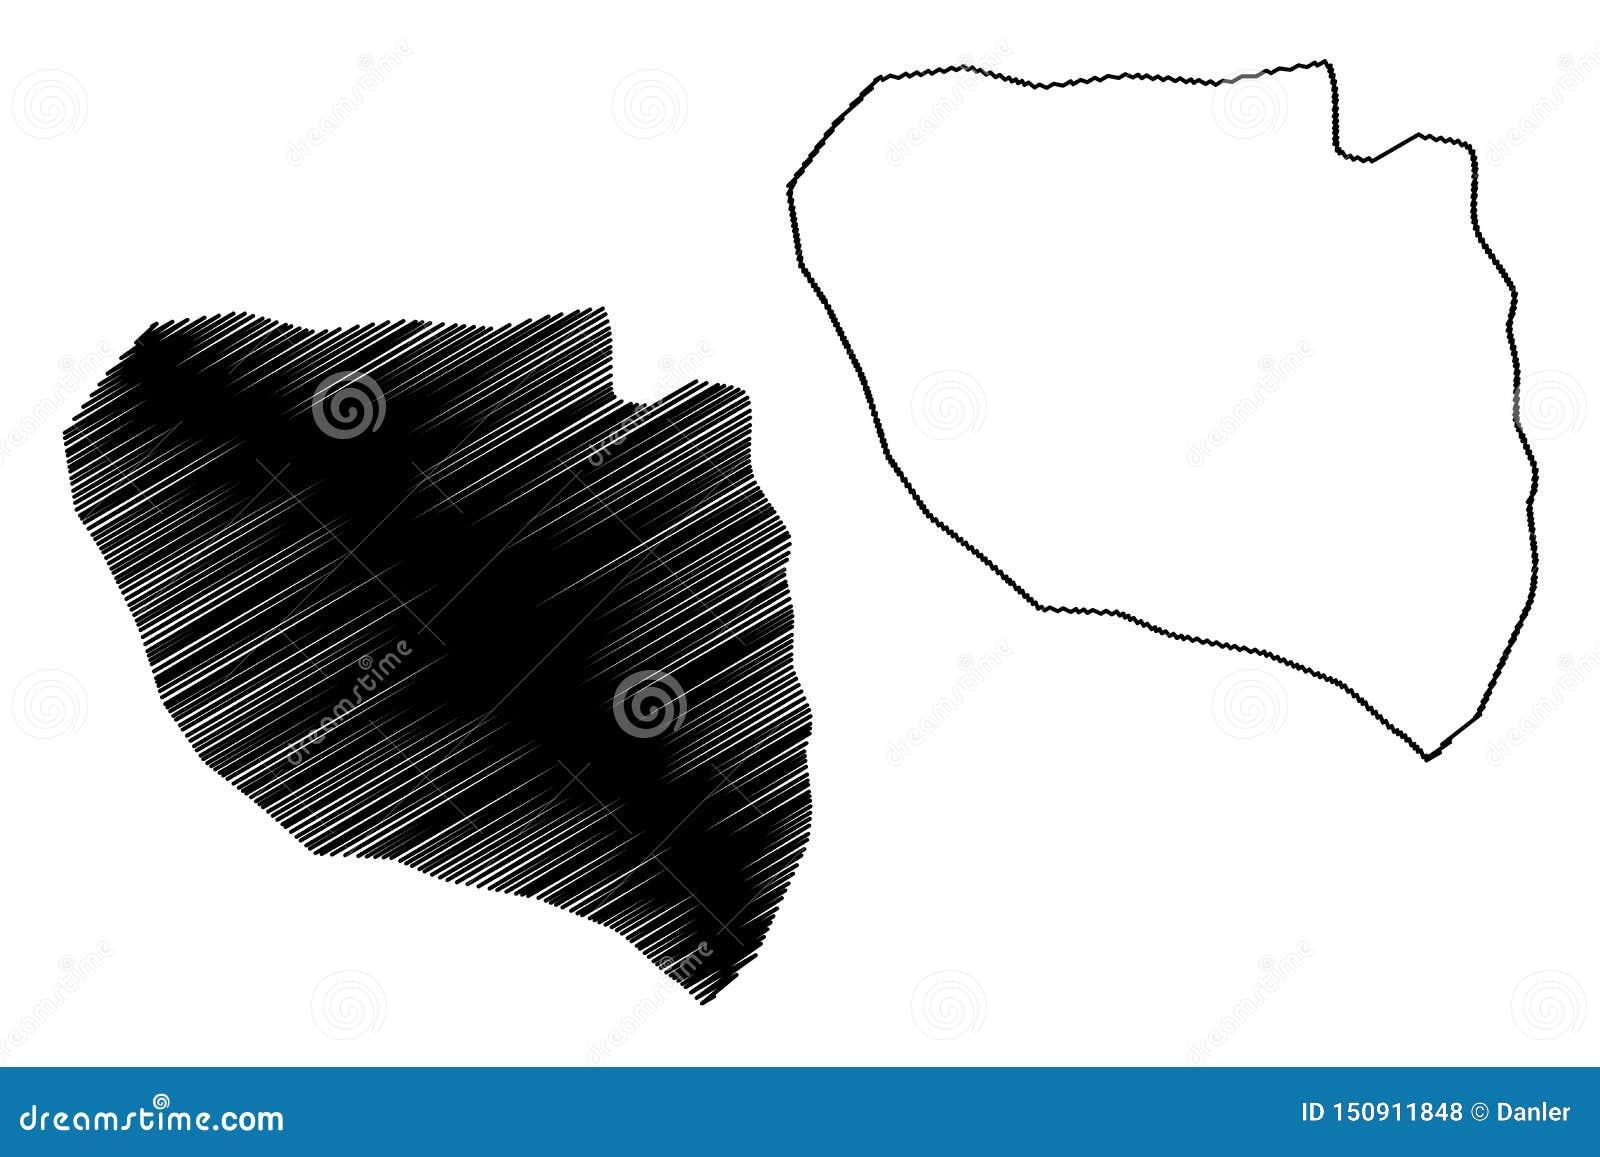 Niamey Region Regions Of Niger, Republic Of The Niger Map ...